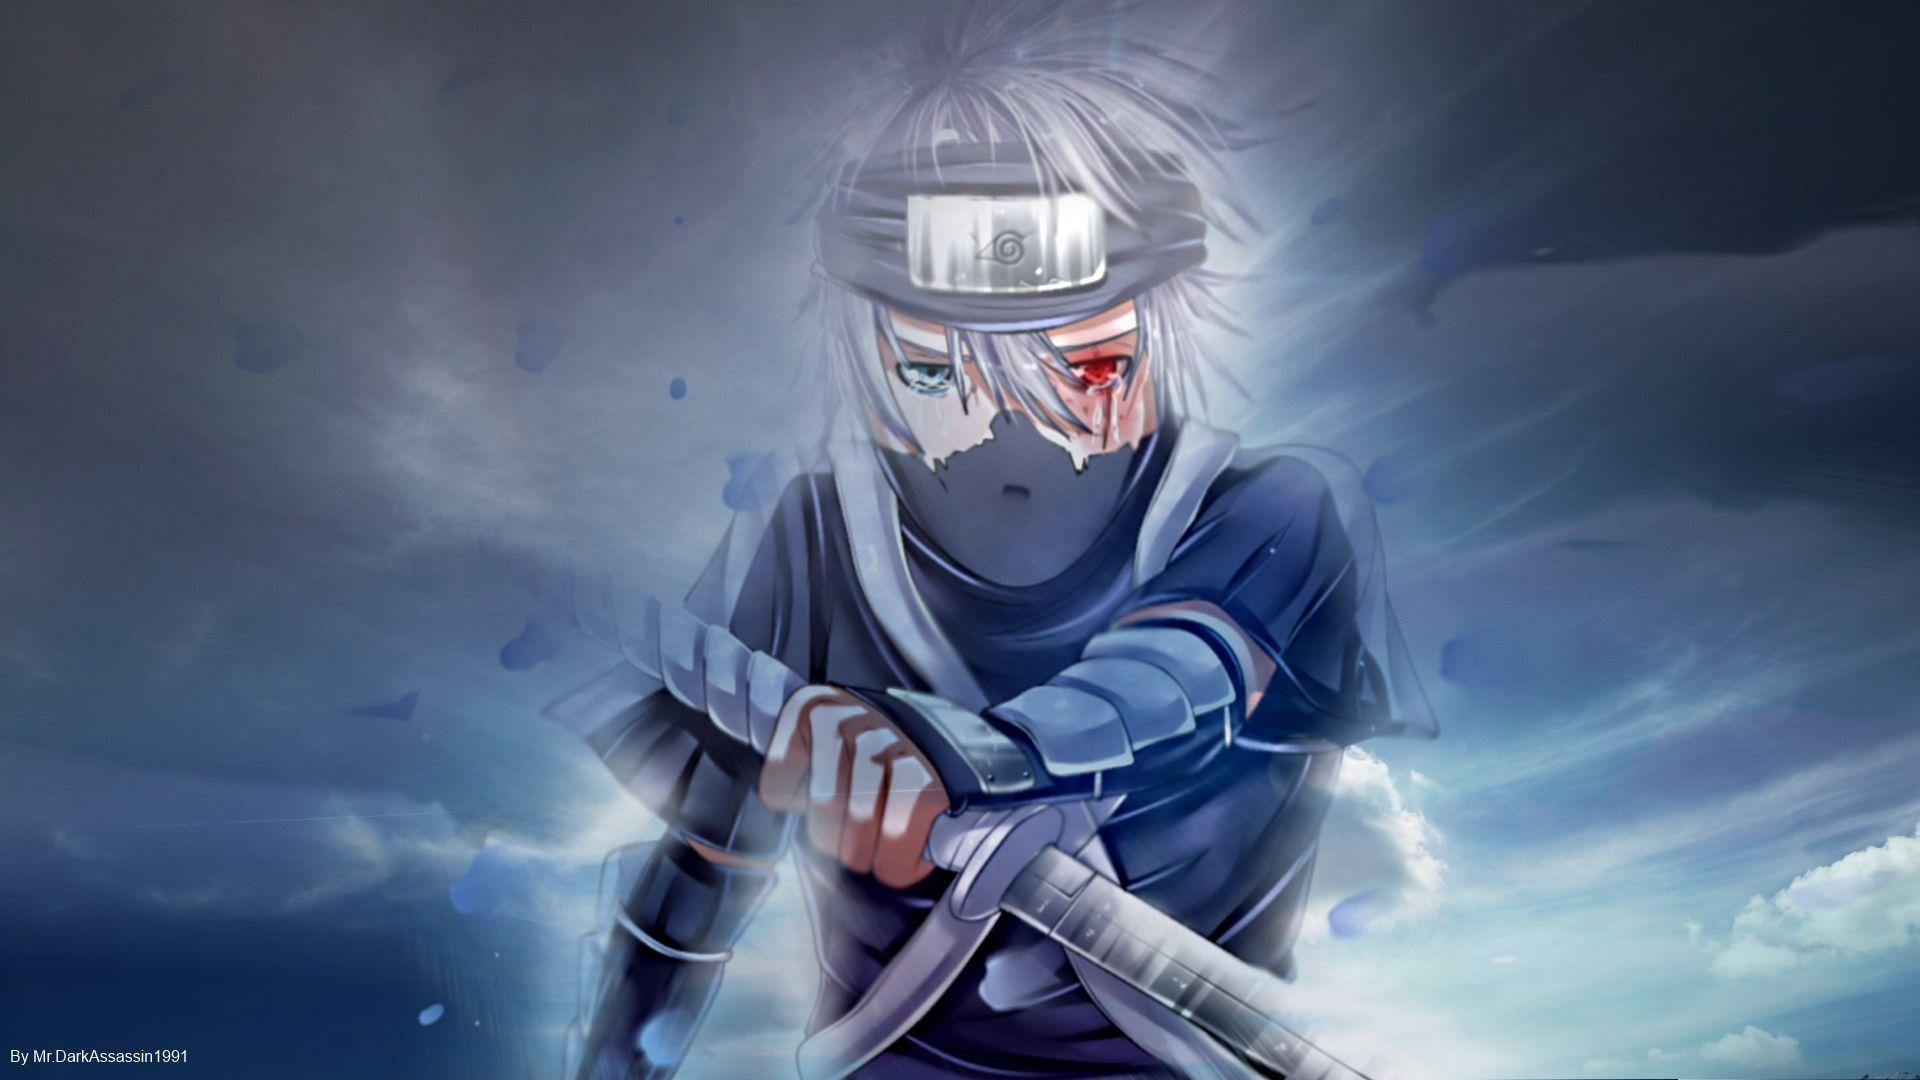 Naruto Kakashi Wallpaper Free Zec Naruto Wallpaper Kakashi